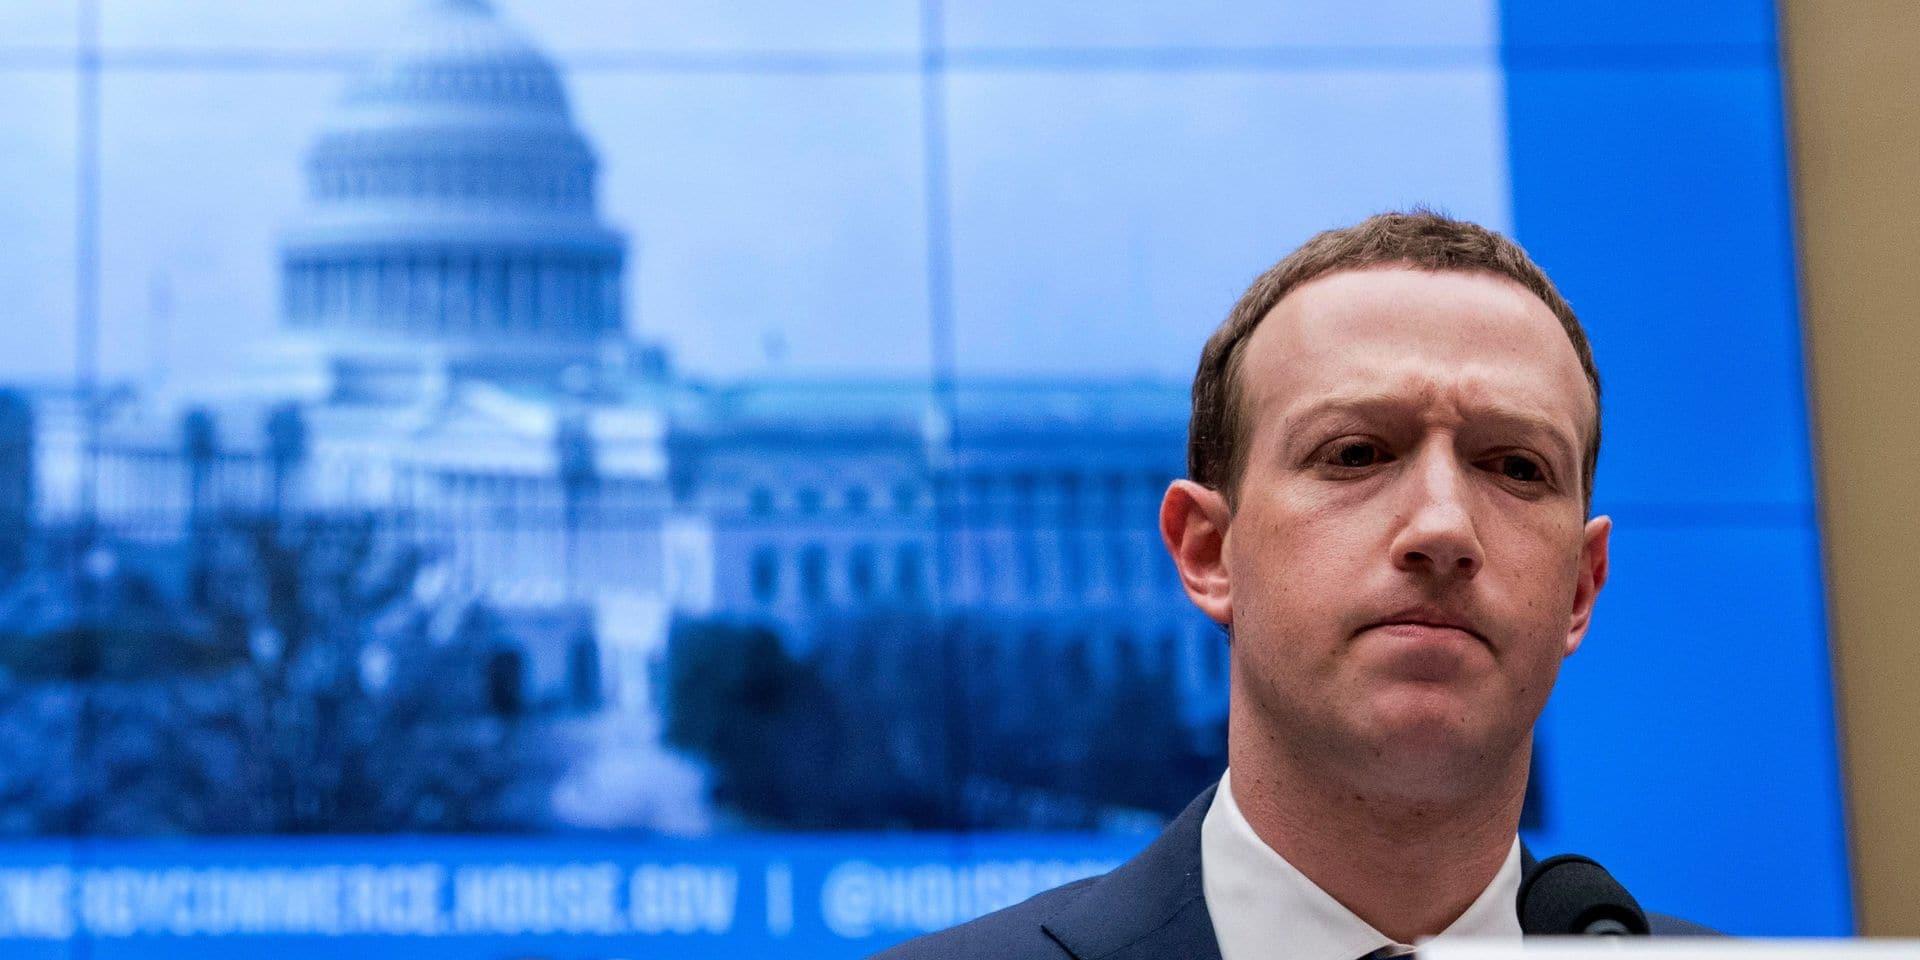 Facebook refuse de sanctionner les messages polémiques de Donald Trump: Mark Zuckerberg désavoué par ses employés